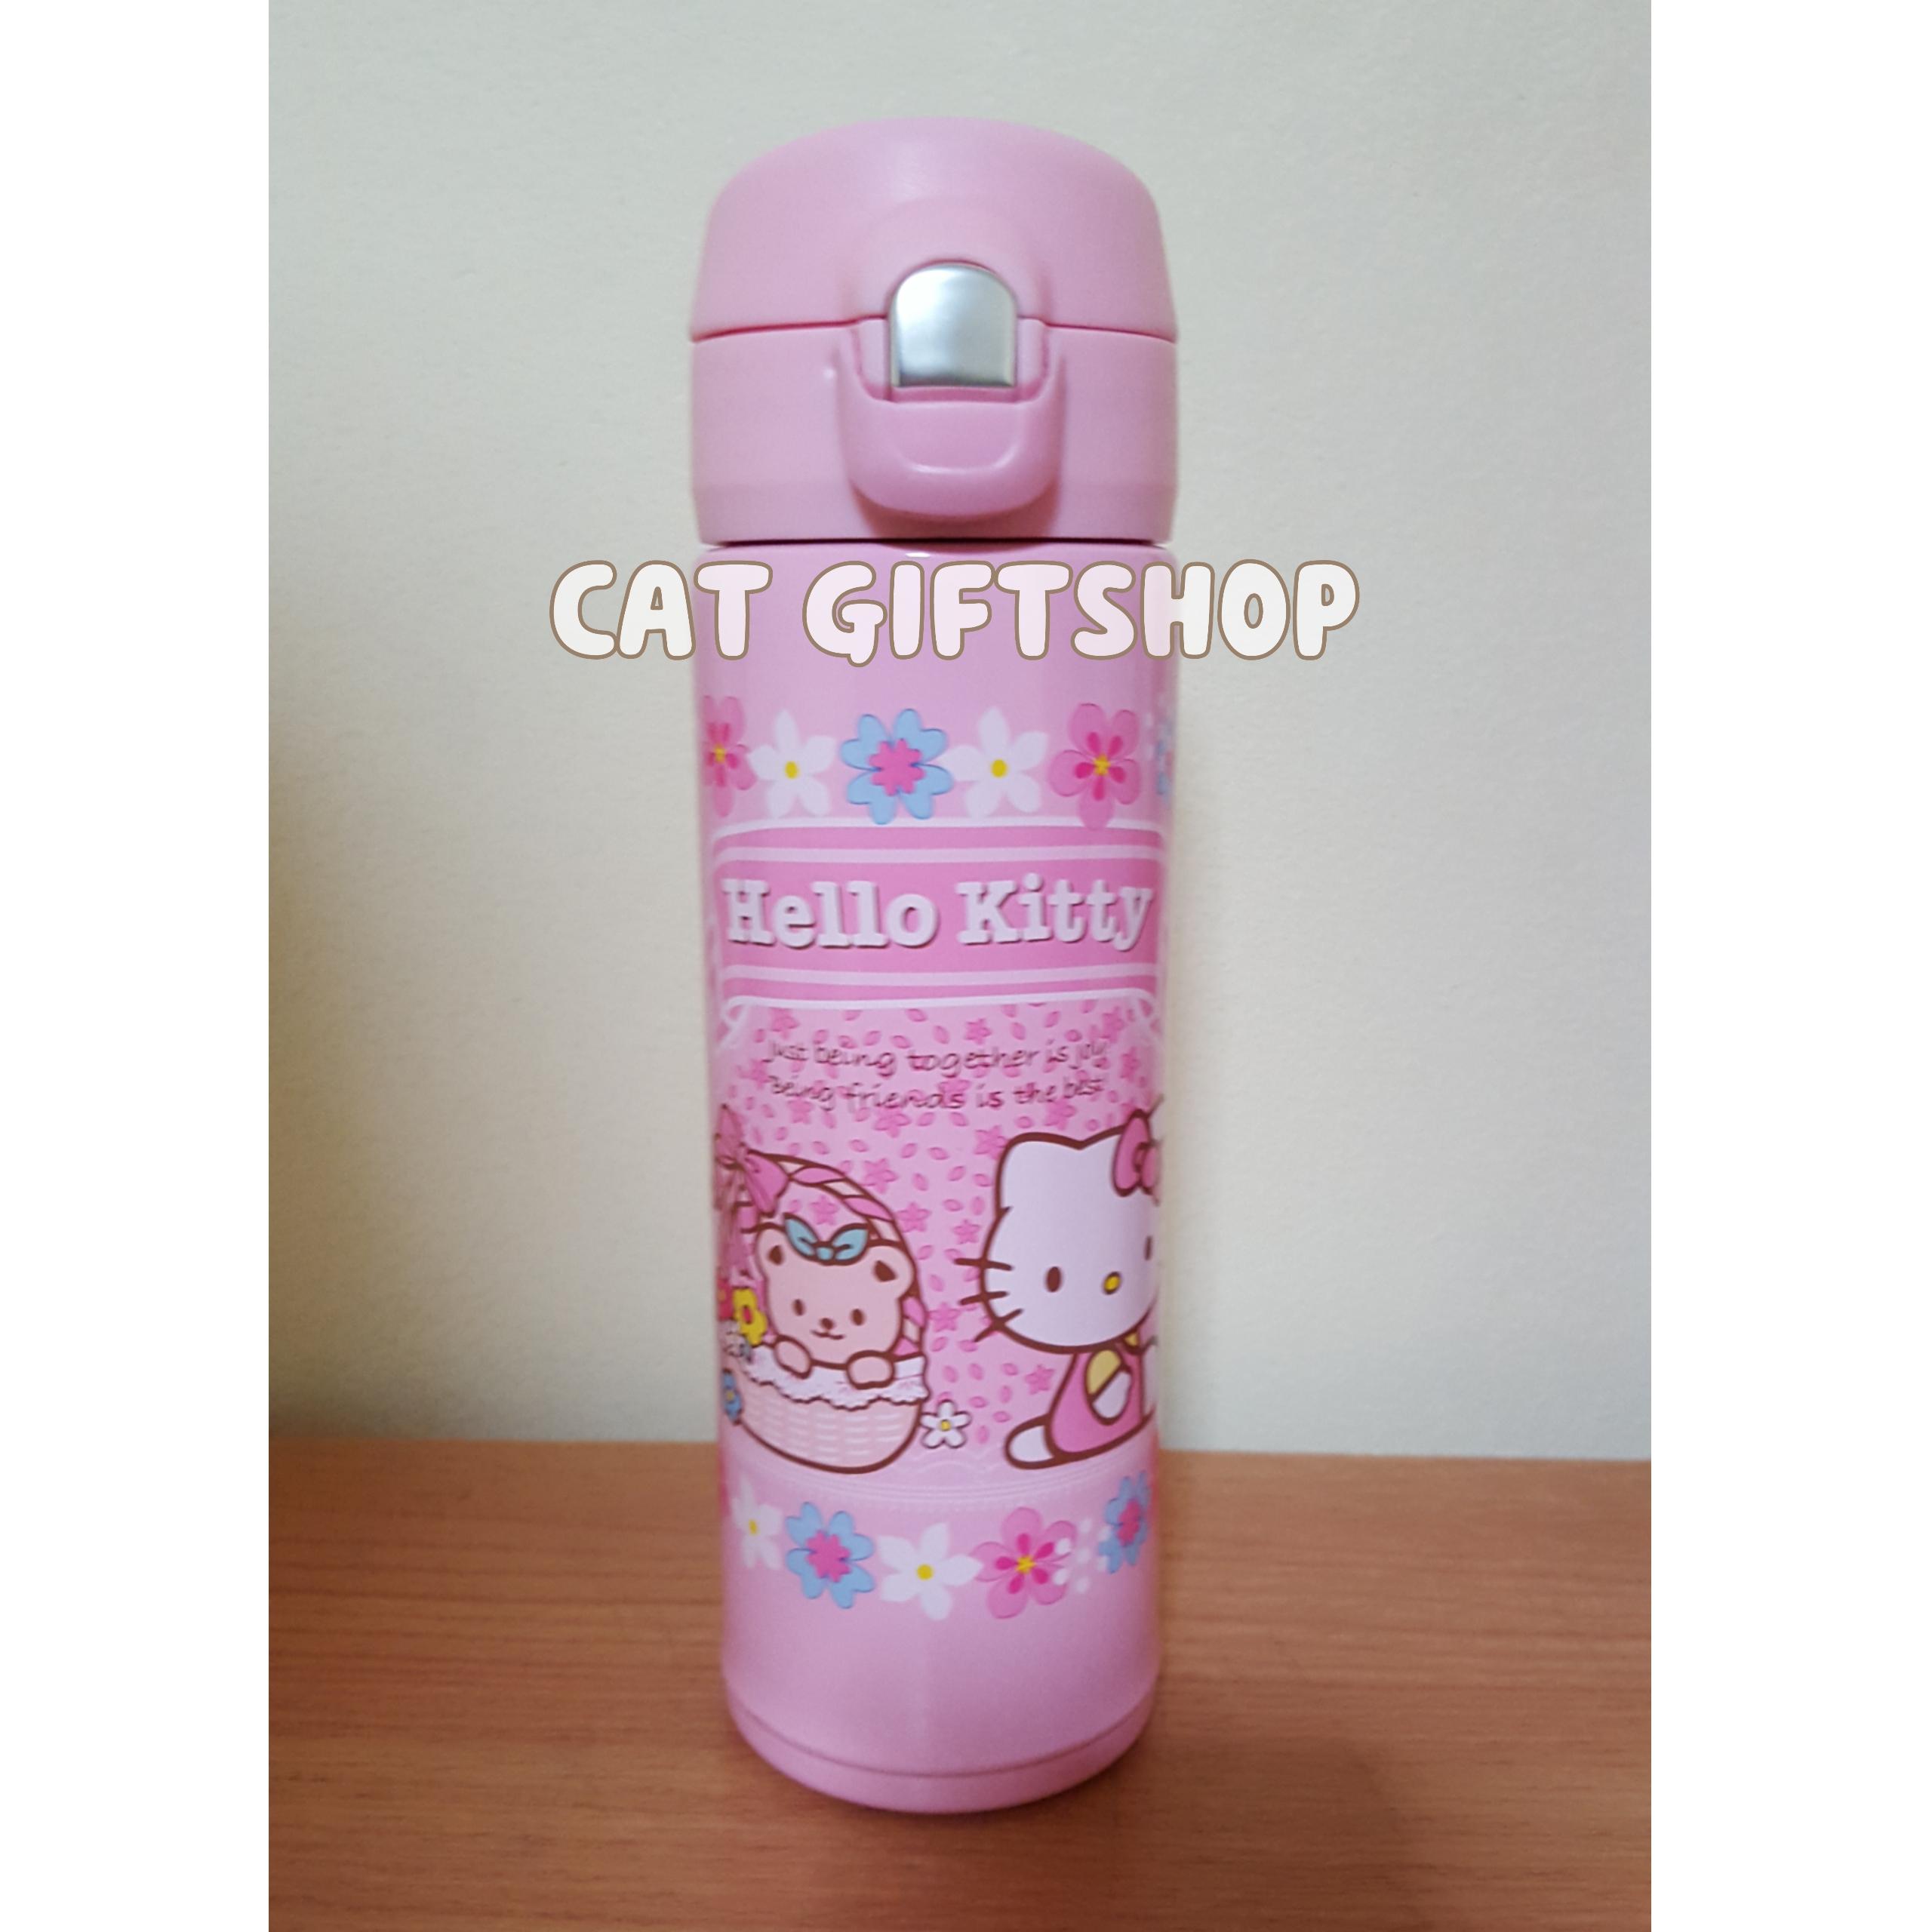 พร้อมส่ง :: กระบอกน้ำเก็บร้อน-เย็น Hello kitty สีชมพู 500 ml.